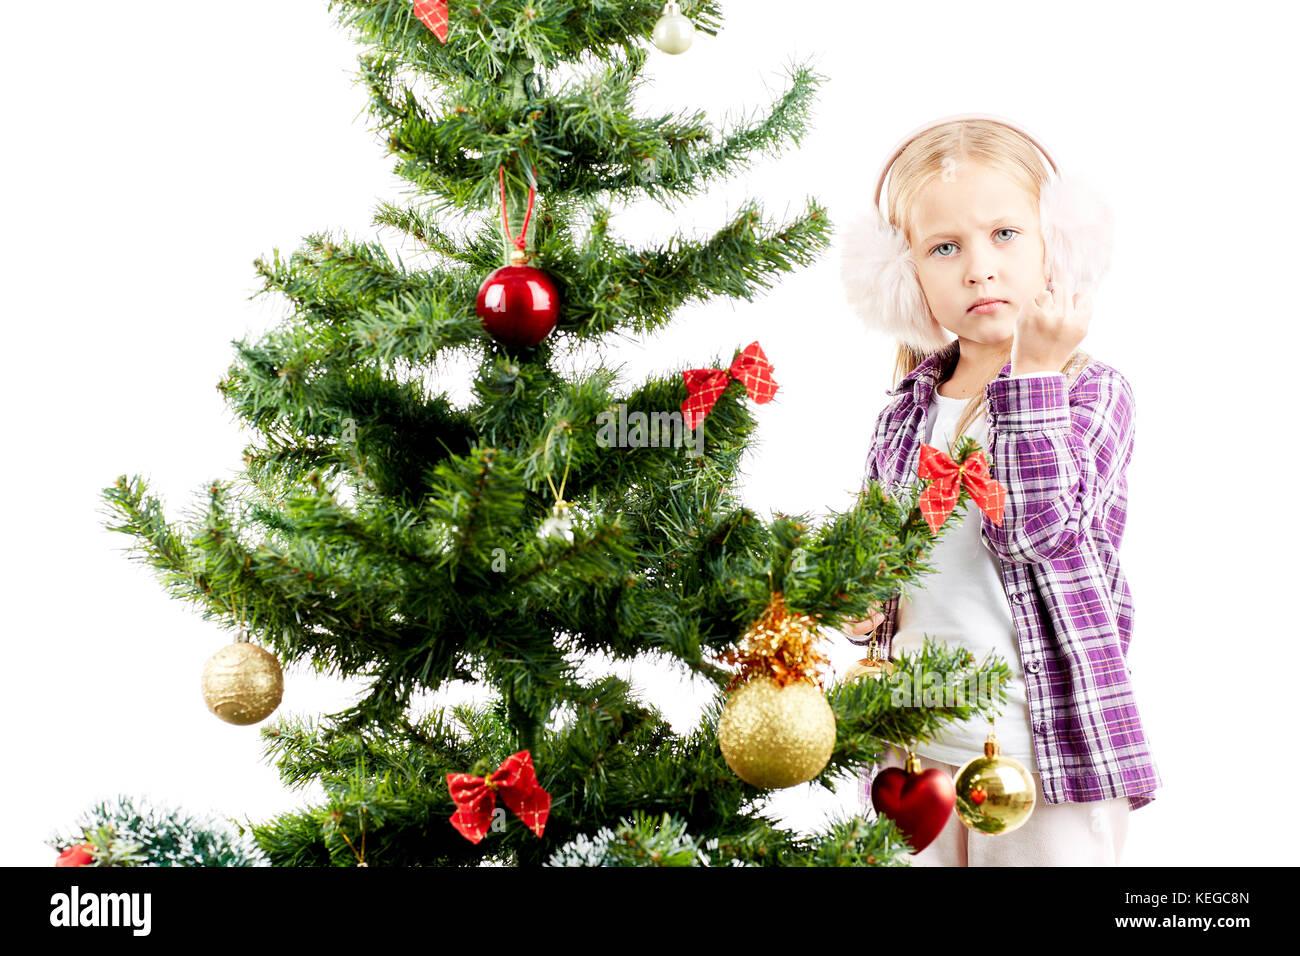 Weihnachtsbaum Schmücken Stockfoto Bild 163859381 Alamy